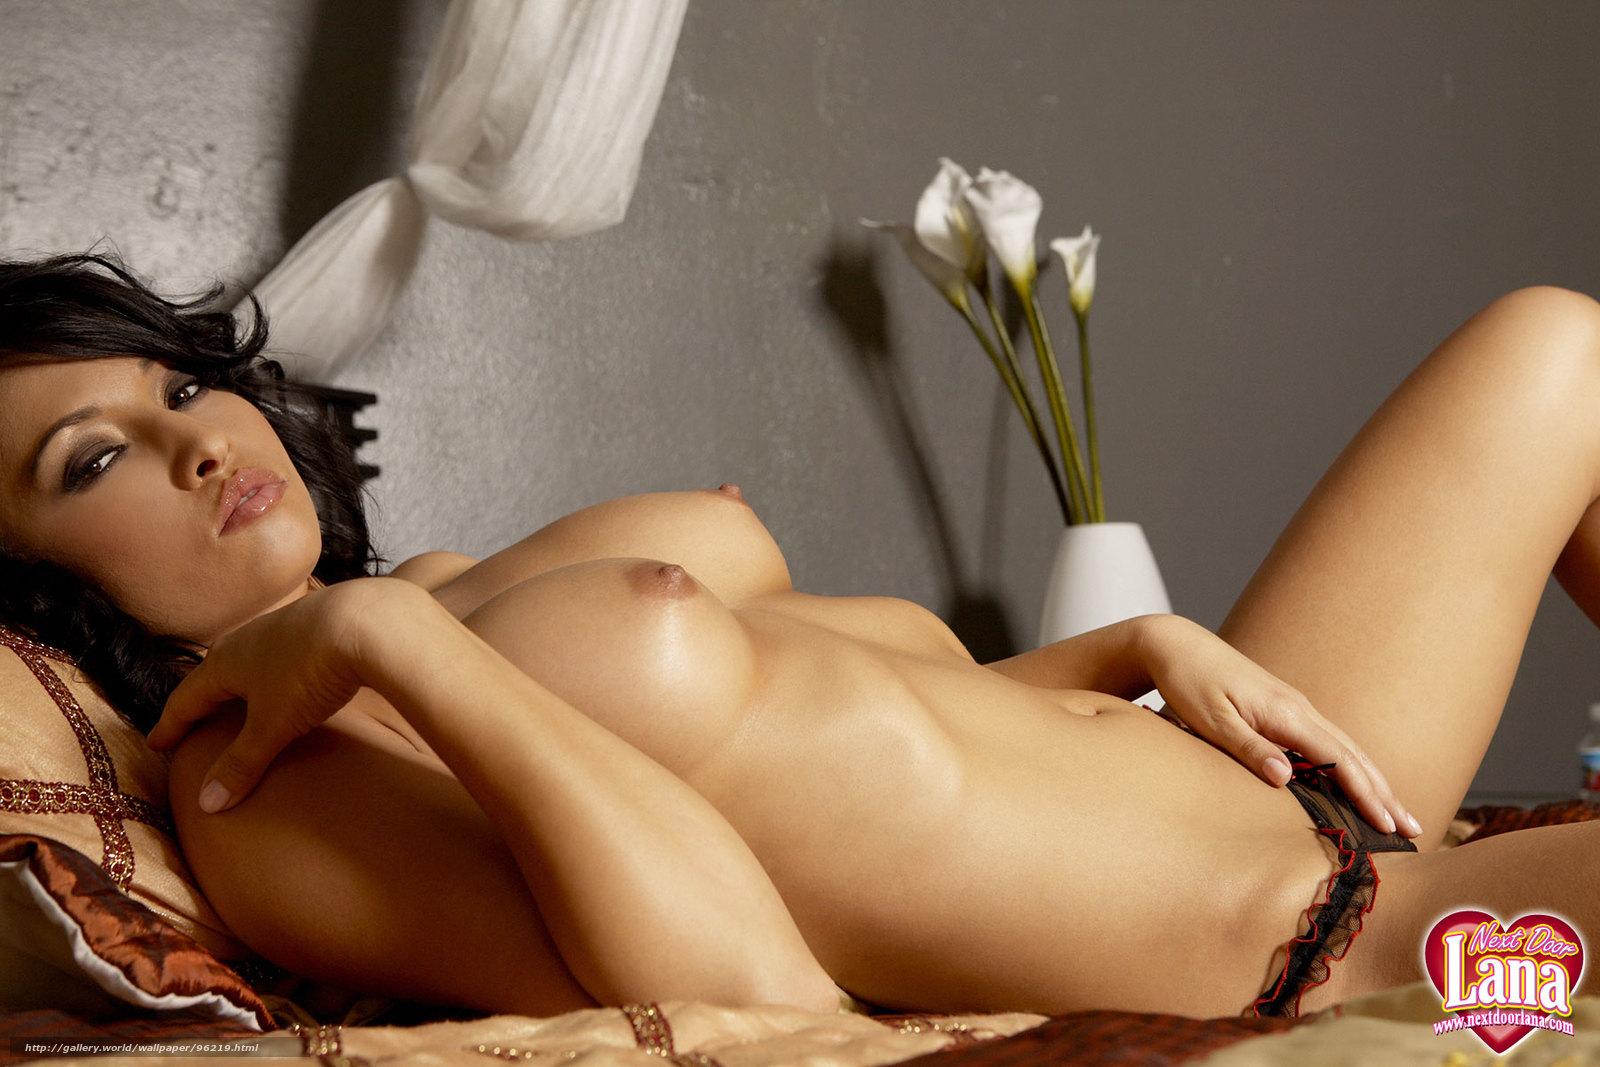 Фото девушка в трусиках в цветочки 6 фотография